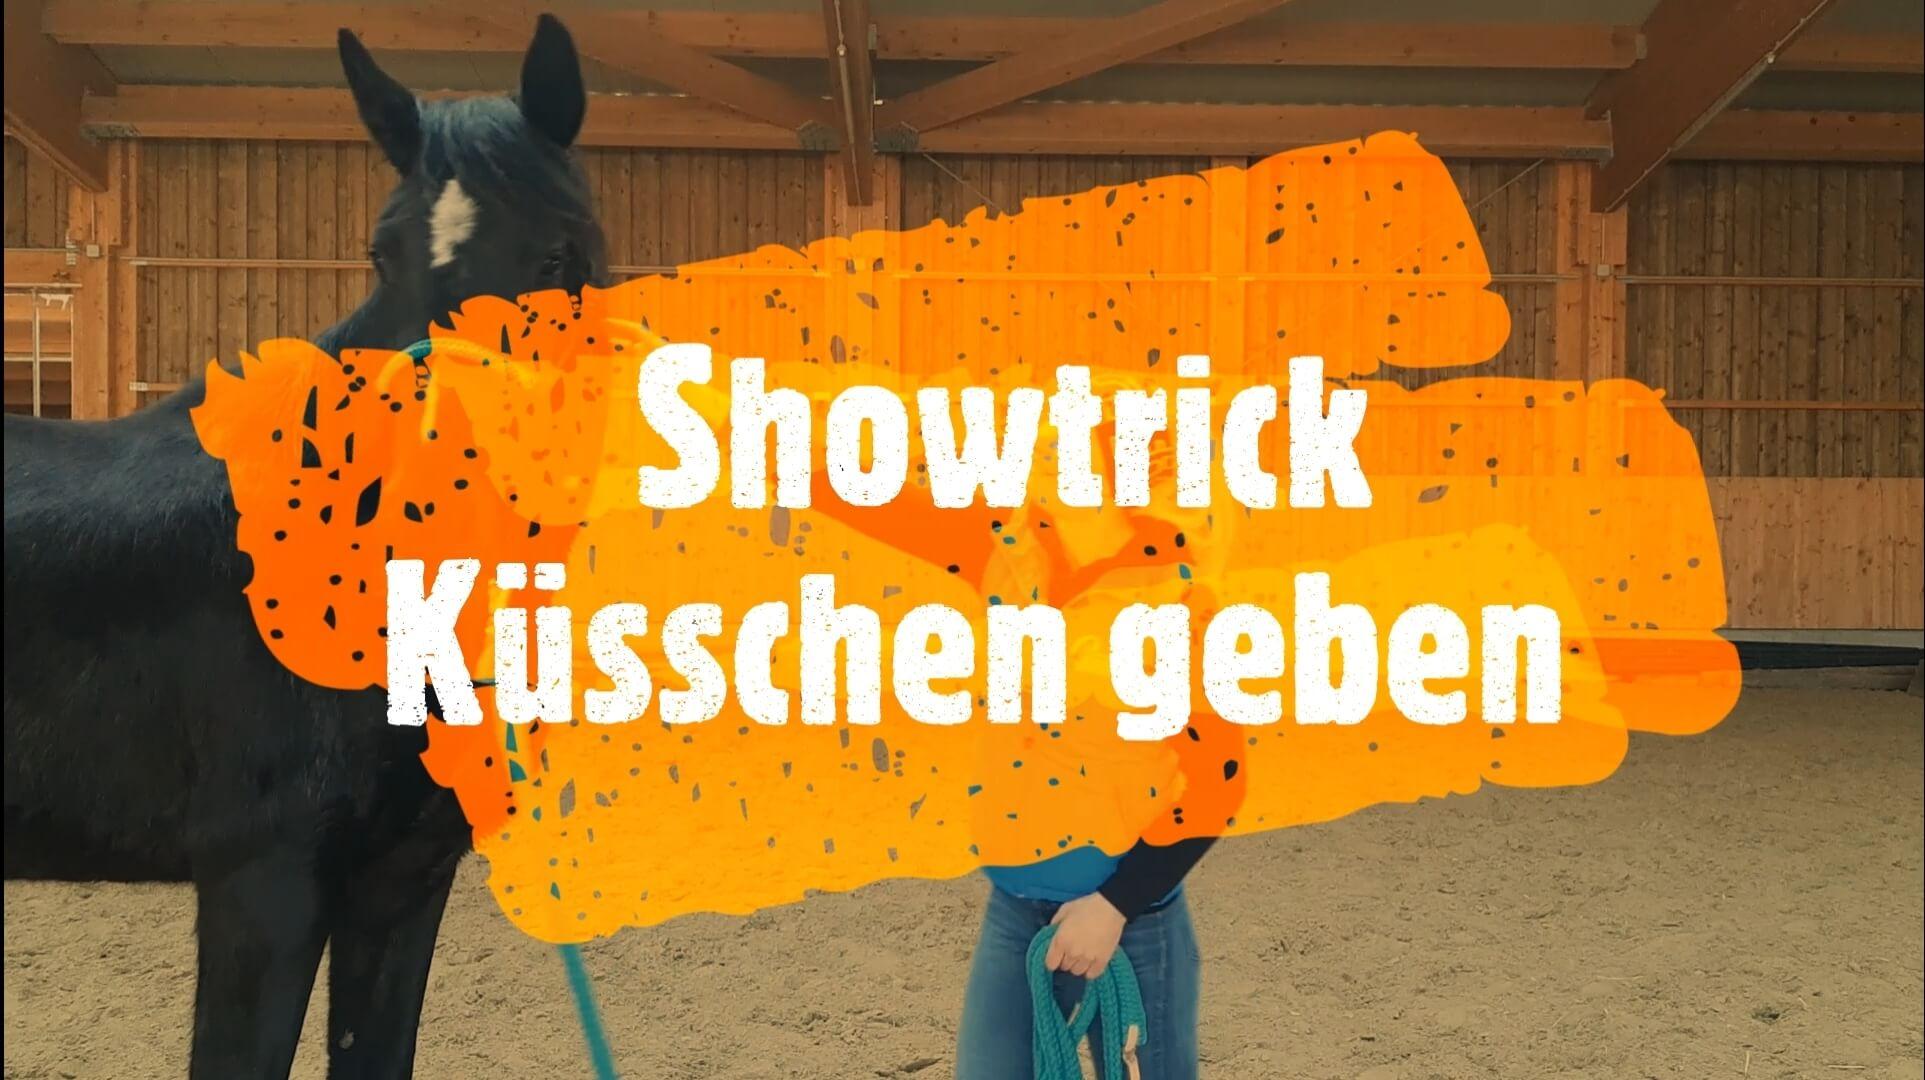 Pferdeshowtrick: Küsschen geben